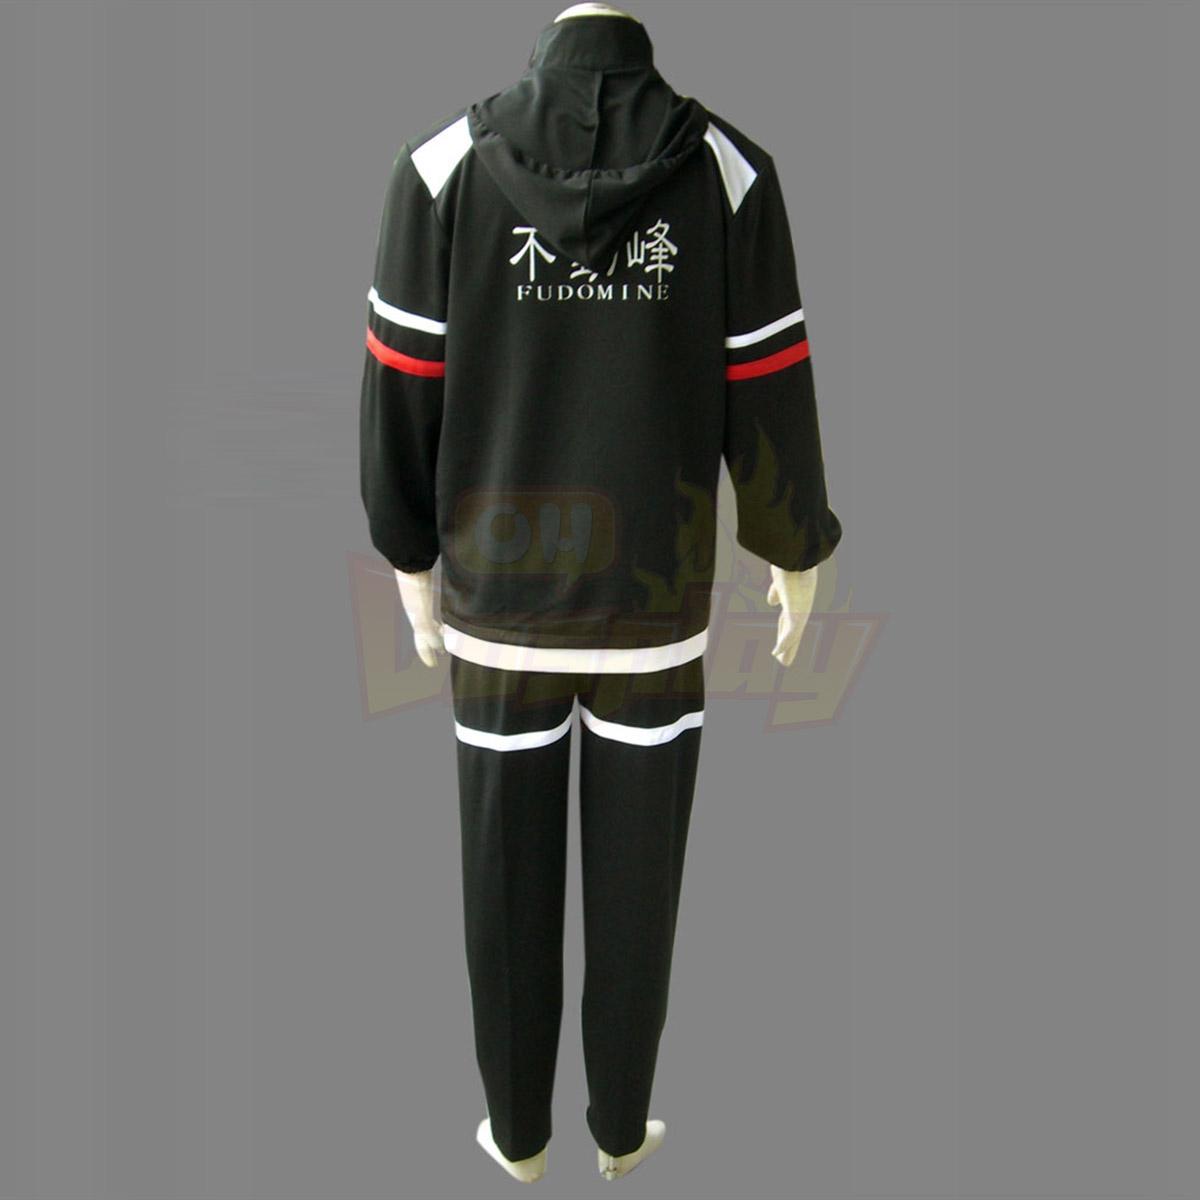 Луксозен The Prince of Tennis Fudomine зима униформаs Cosplay Костюми